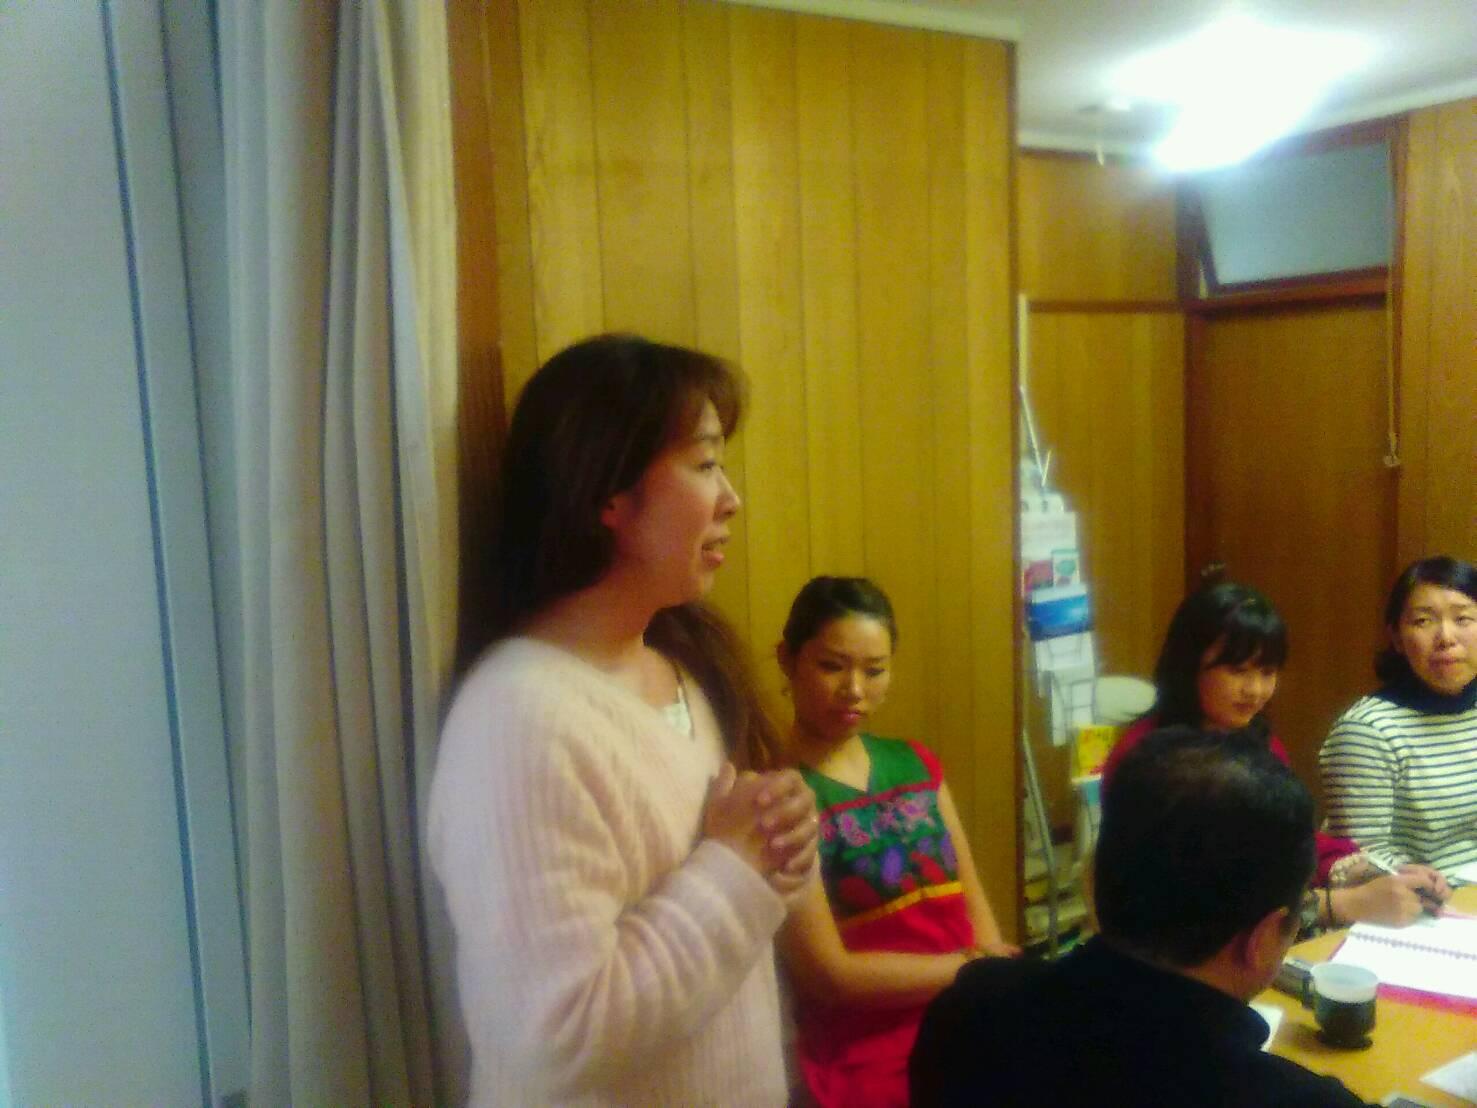 2017年11月9日愛の子育て塾第11期第4講座開催しました。